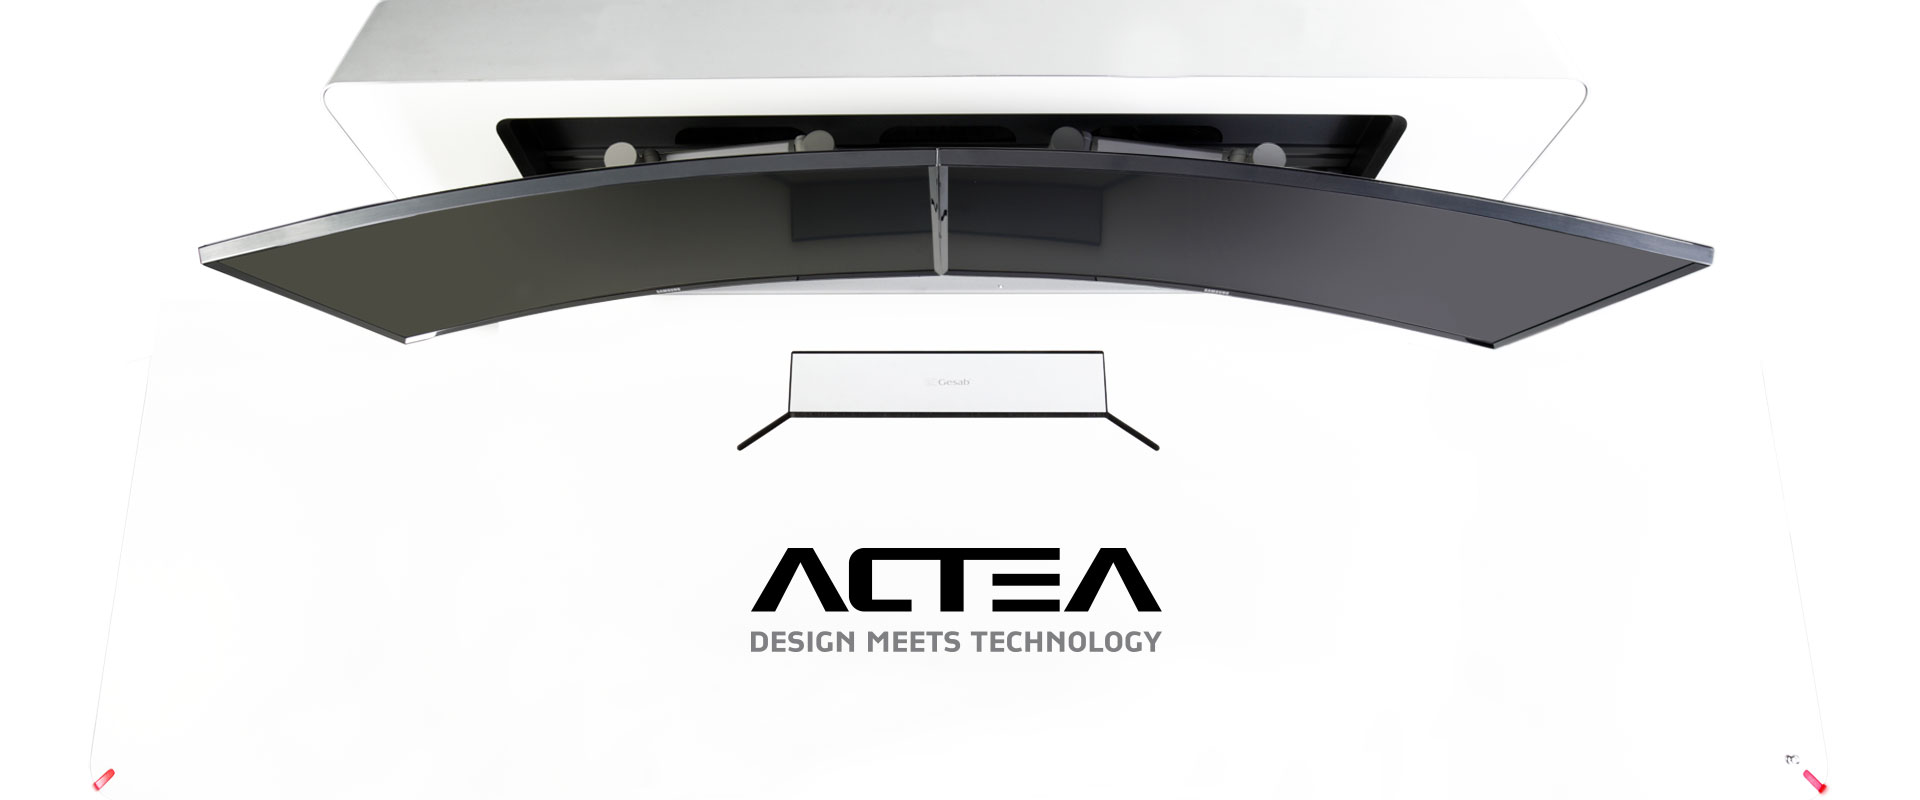 actea series control consoles